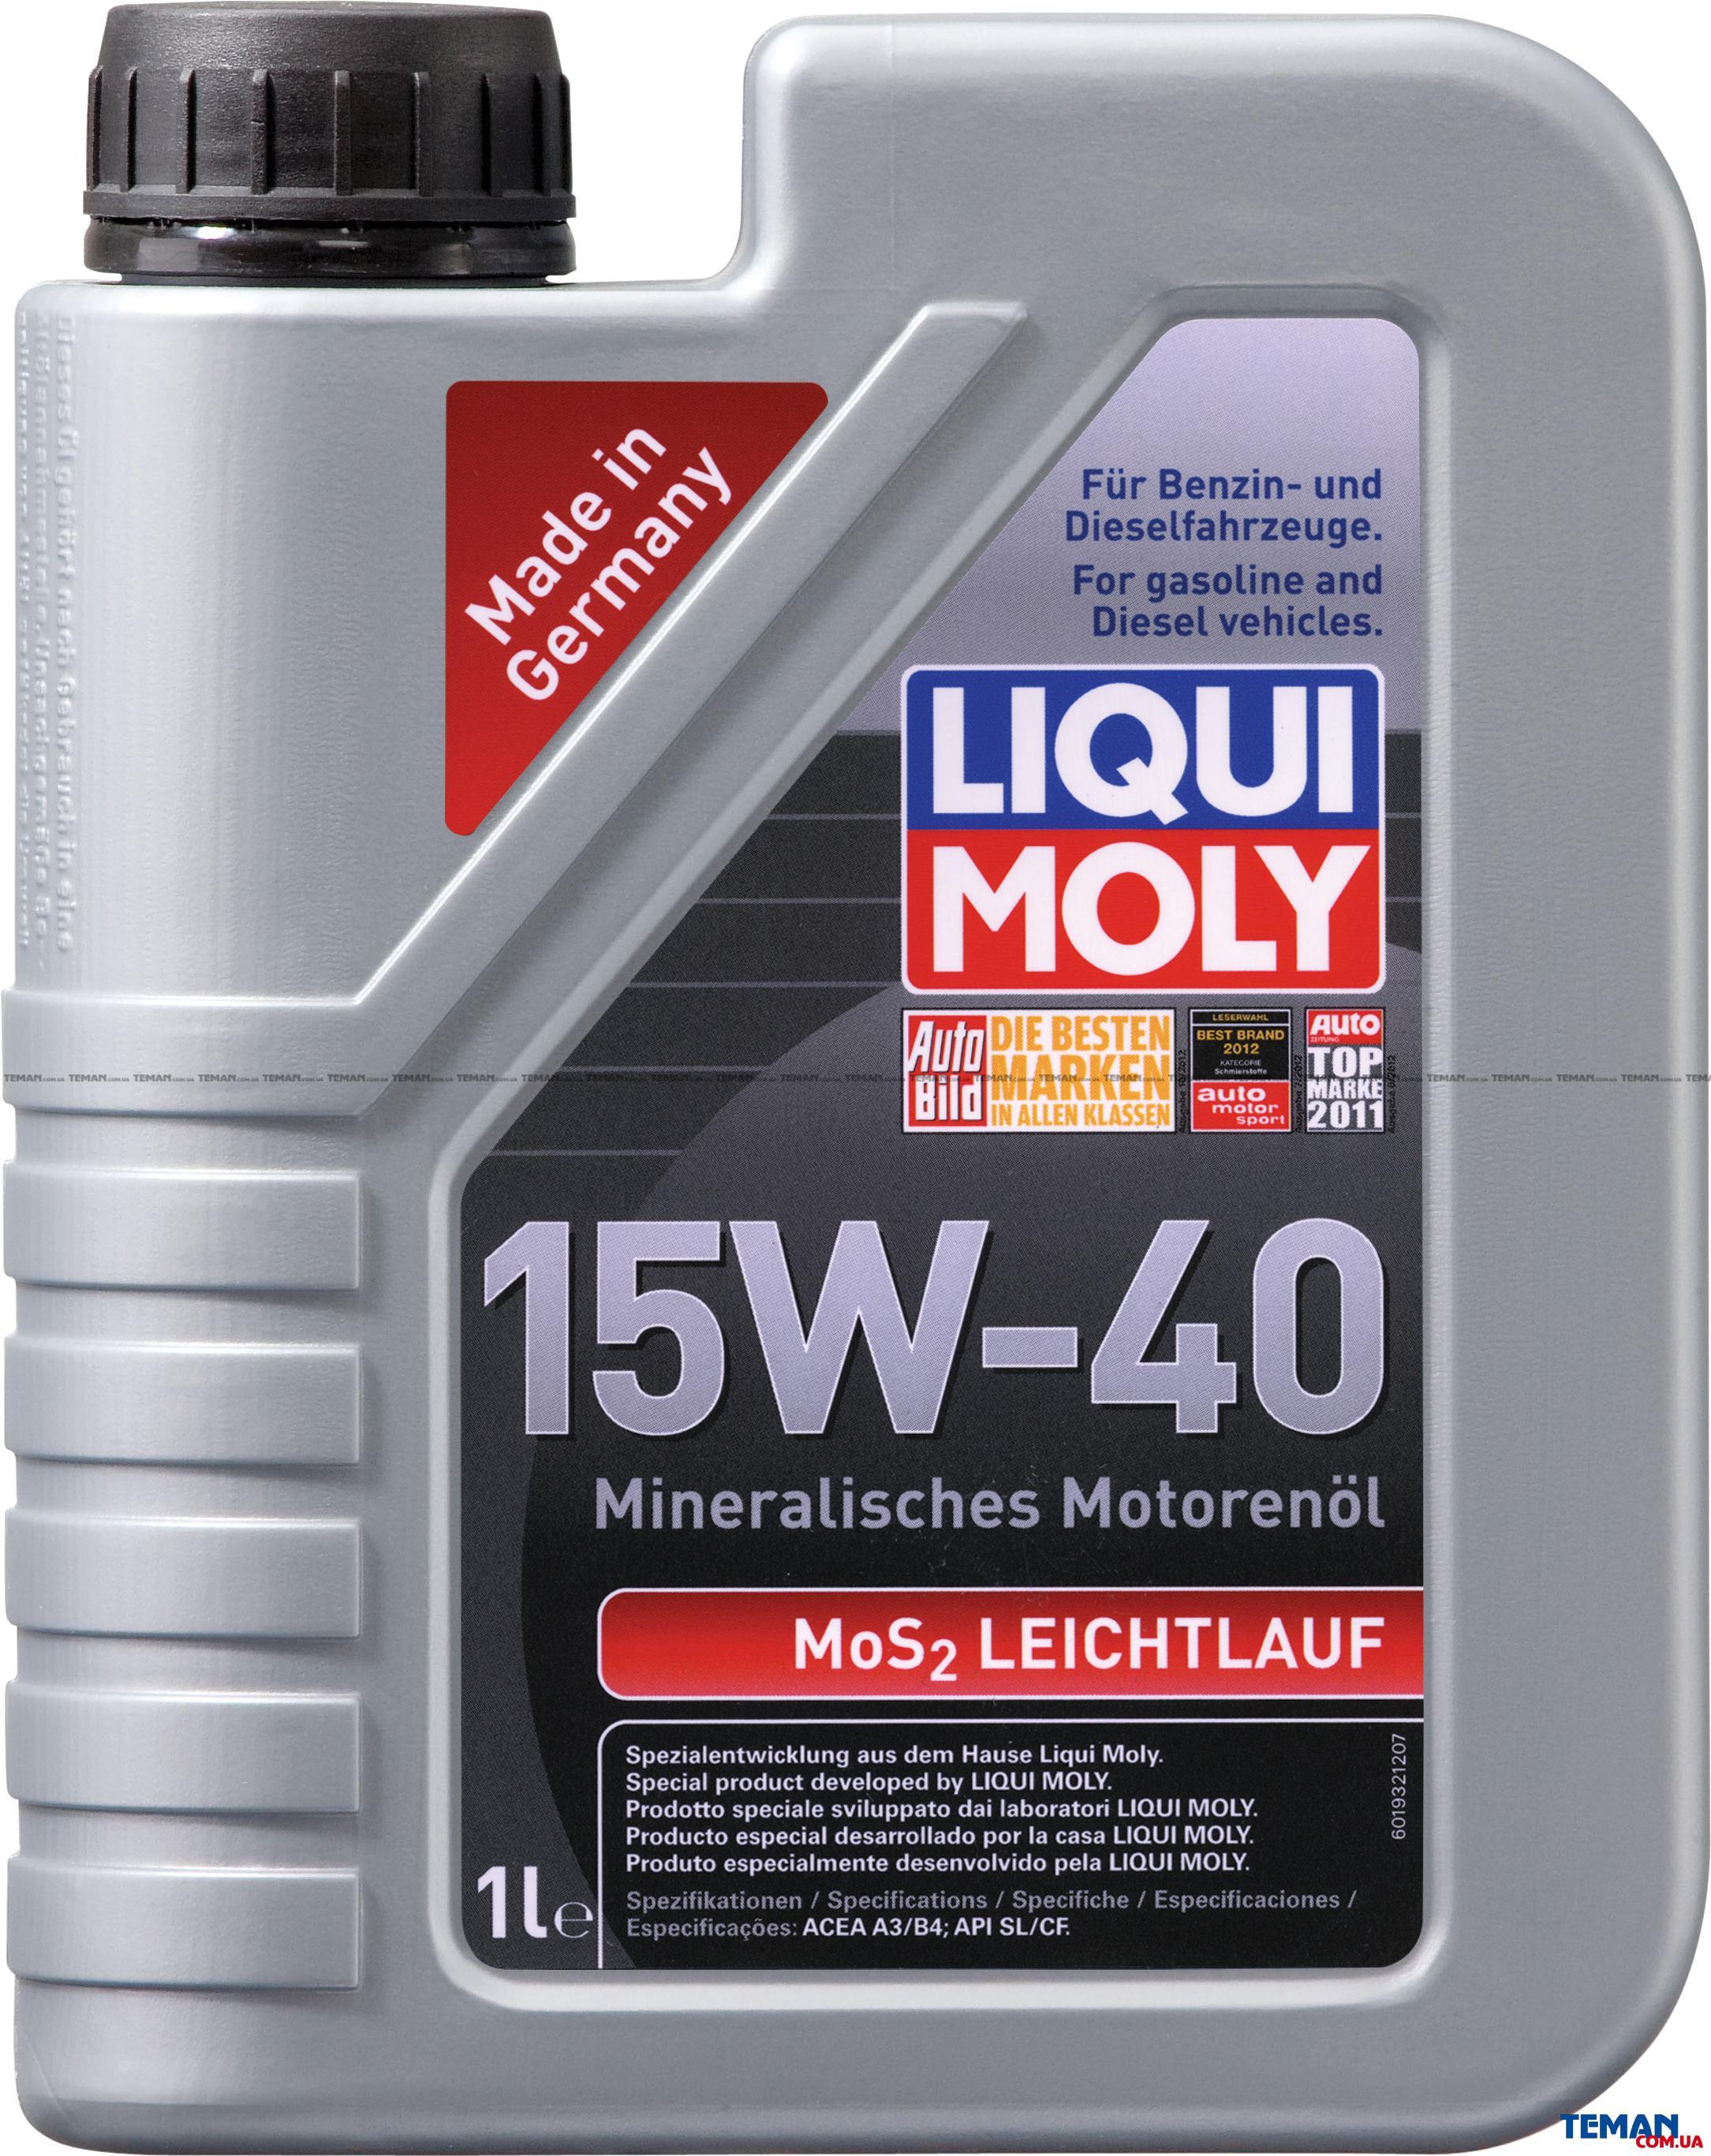 Минеральное моторное масло MoS2 Leichtlauf 15W-40